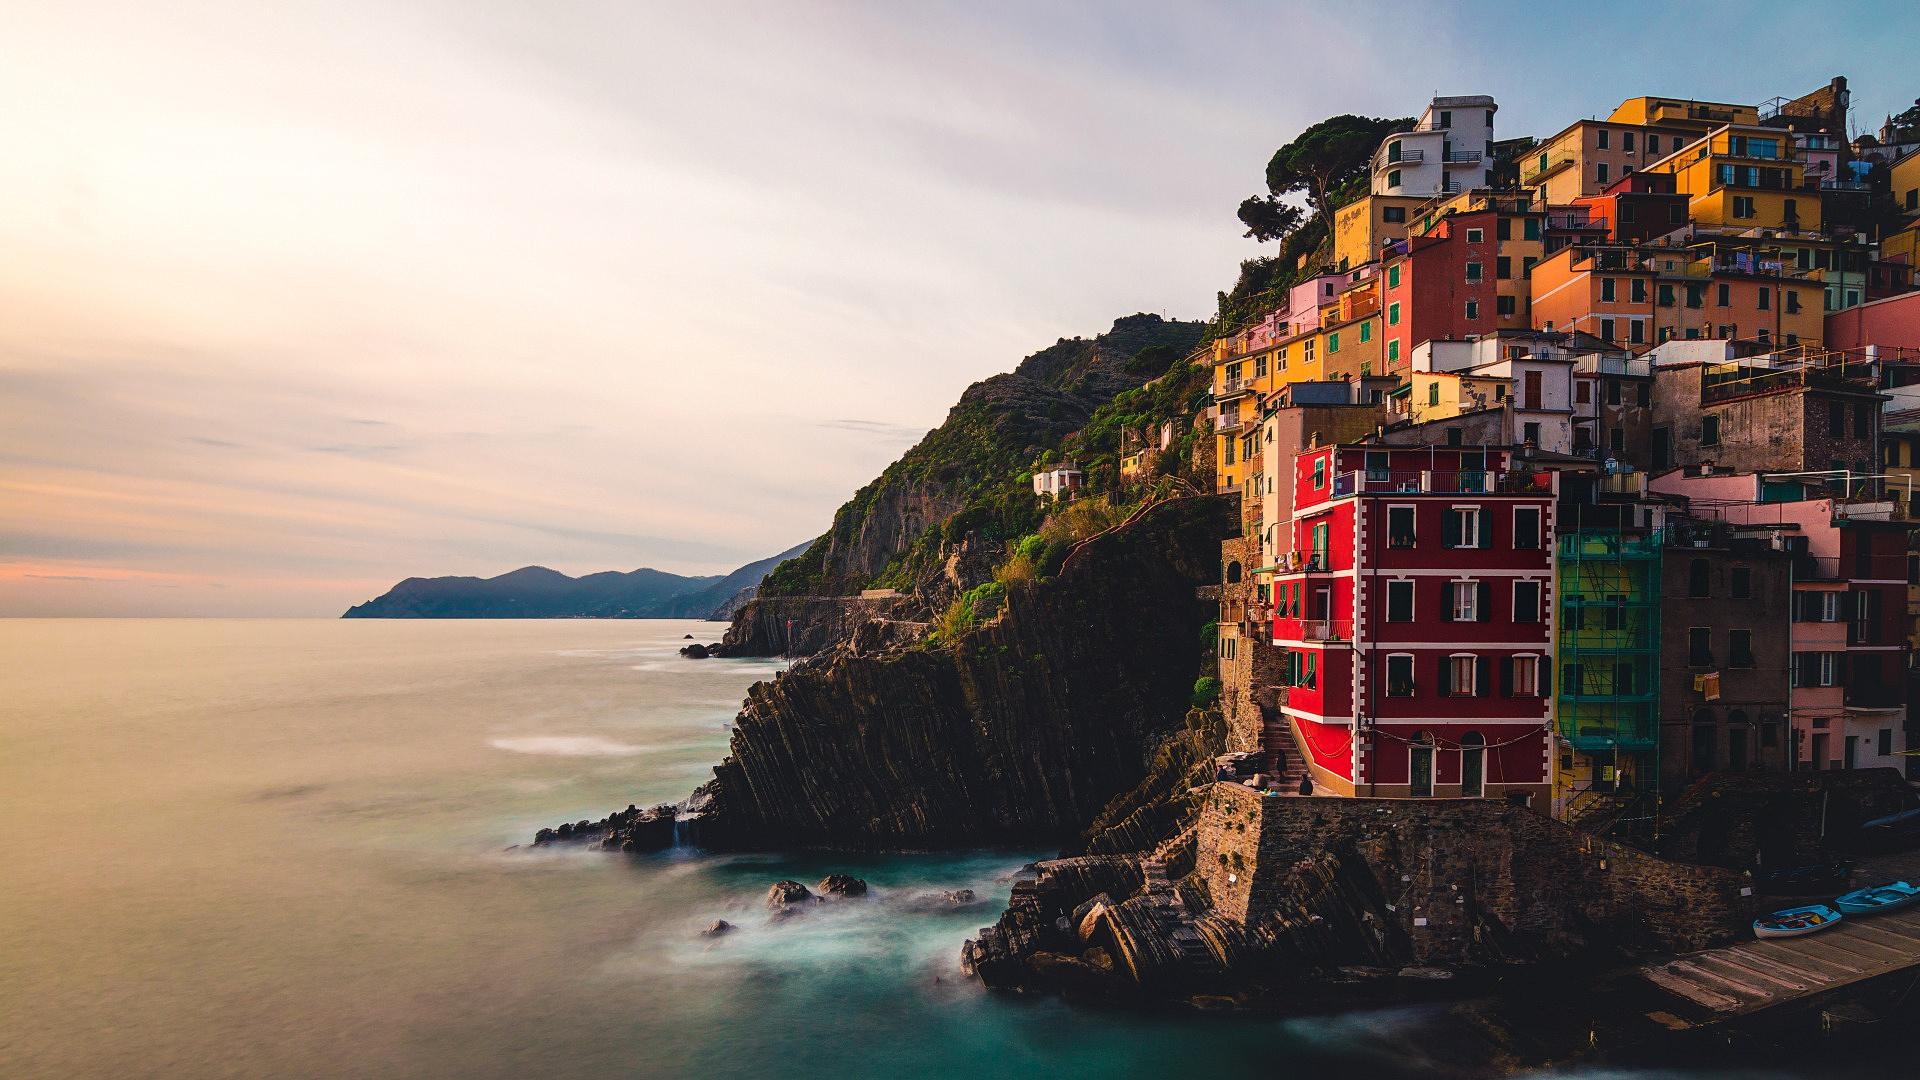 General 1920x1080 house rocks sea sunset Italy Riomaggiore cityscape landscape coast